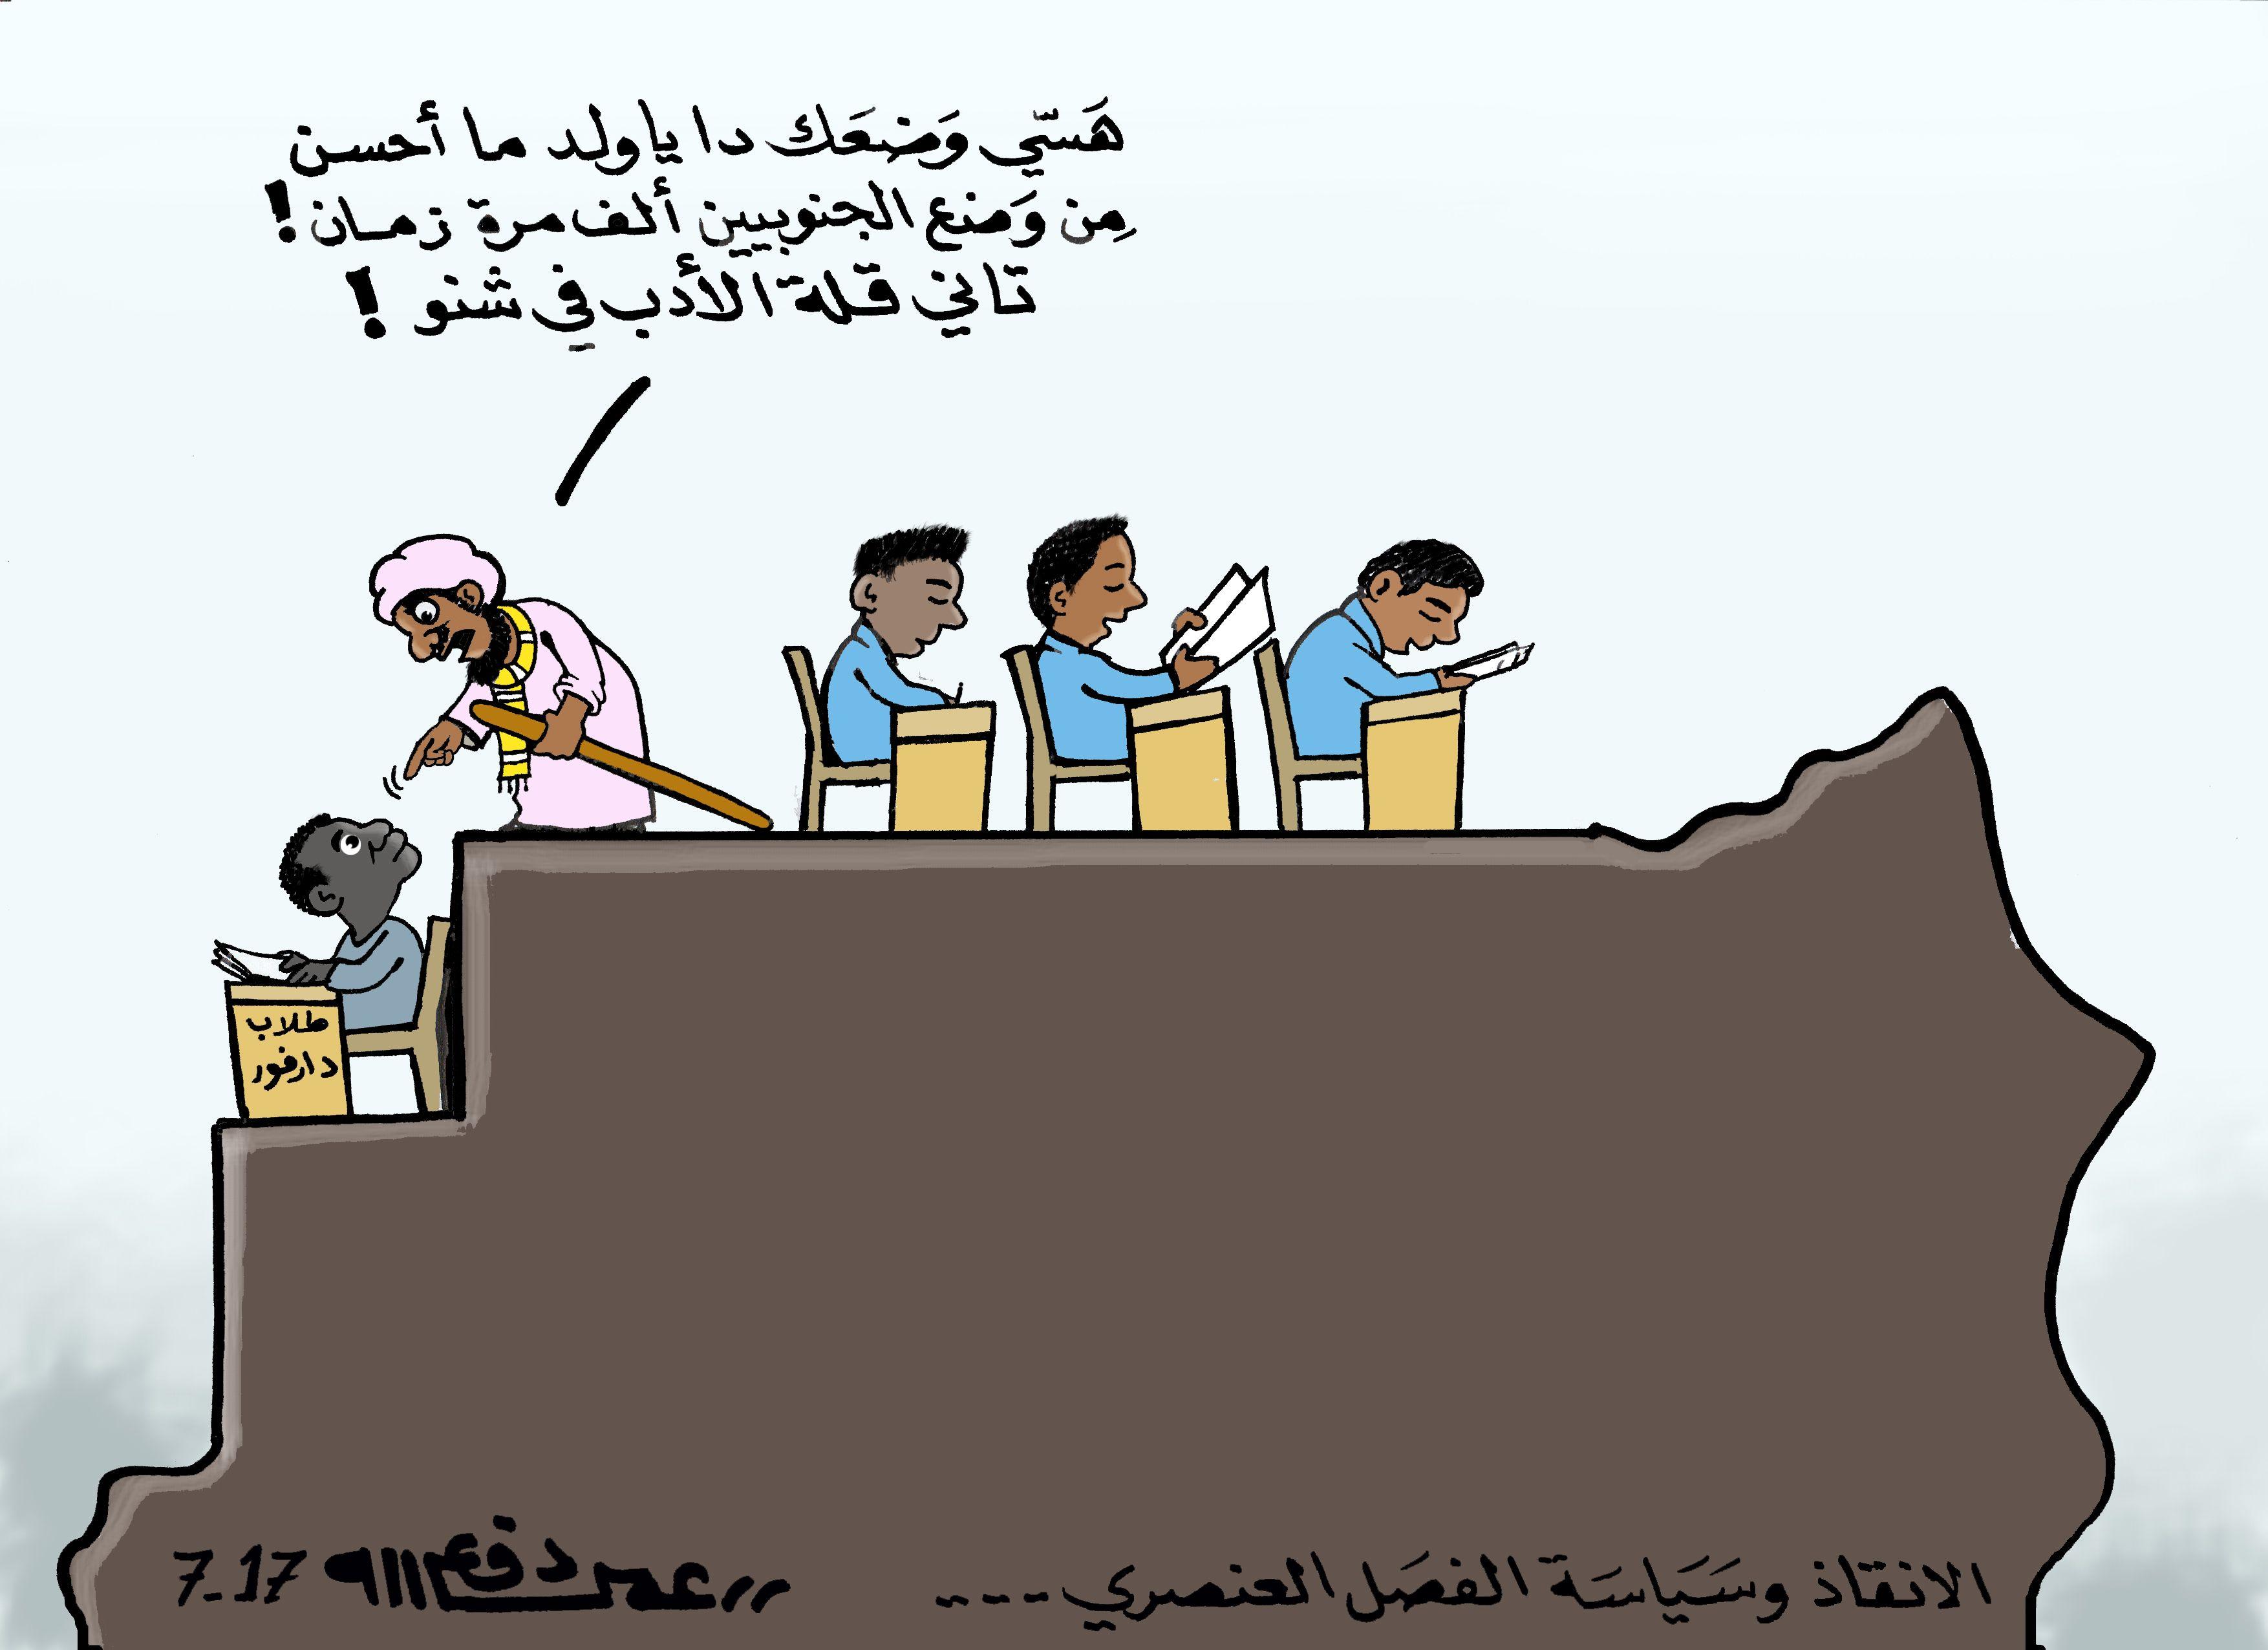 كاركاتير اليوم الموافق 31 يوليو 2017 للفنان عمر دفع الله عن فصل طلاب دافور من جامعة بخت الرضا